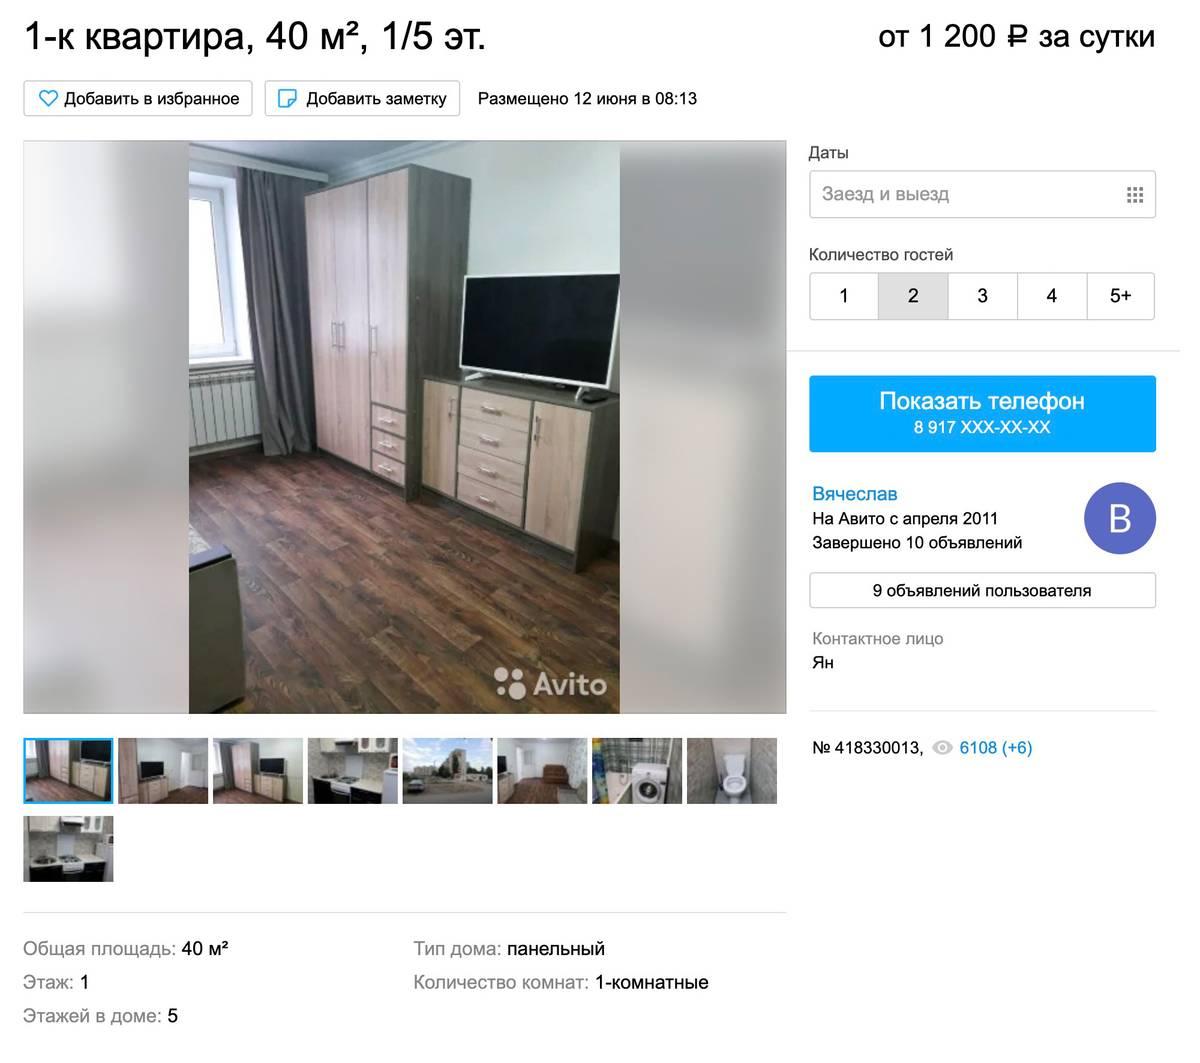 Аренда приличной однокомнатной квартиры с мебелью и бытовой техникой на «Авито» стоит 1200<span class=ruble>Р</span> в сутки